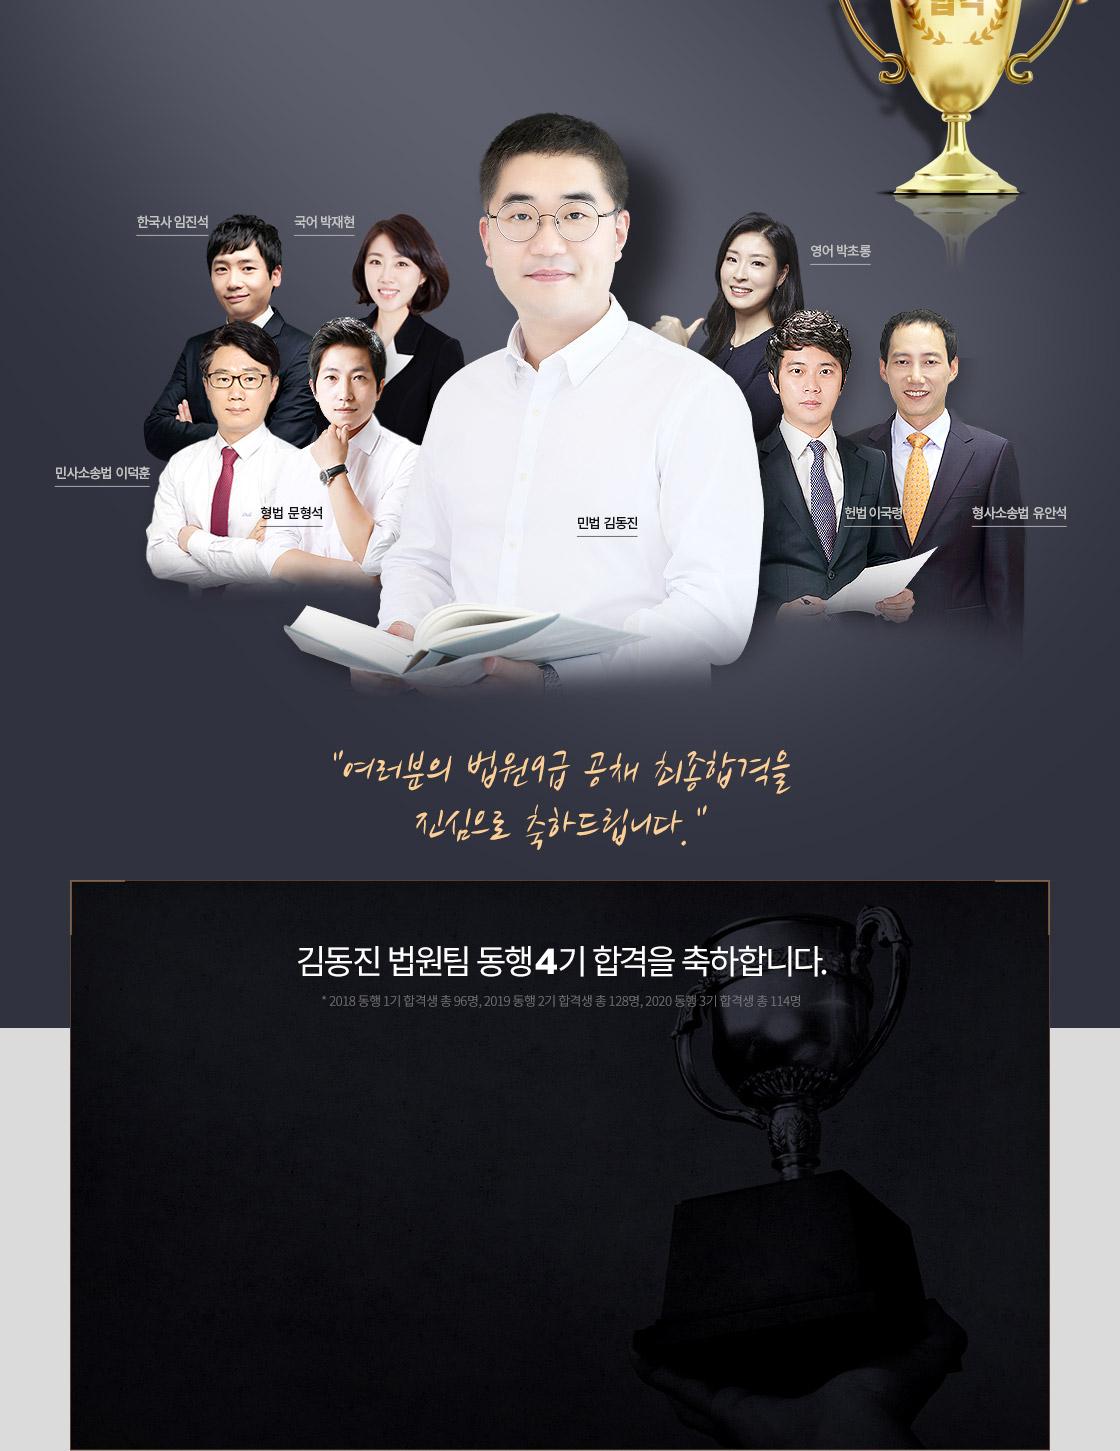 법원팀 139명 최종합격